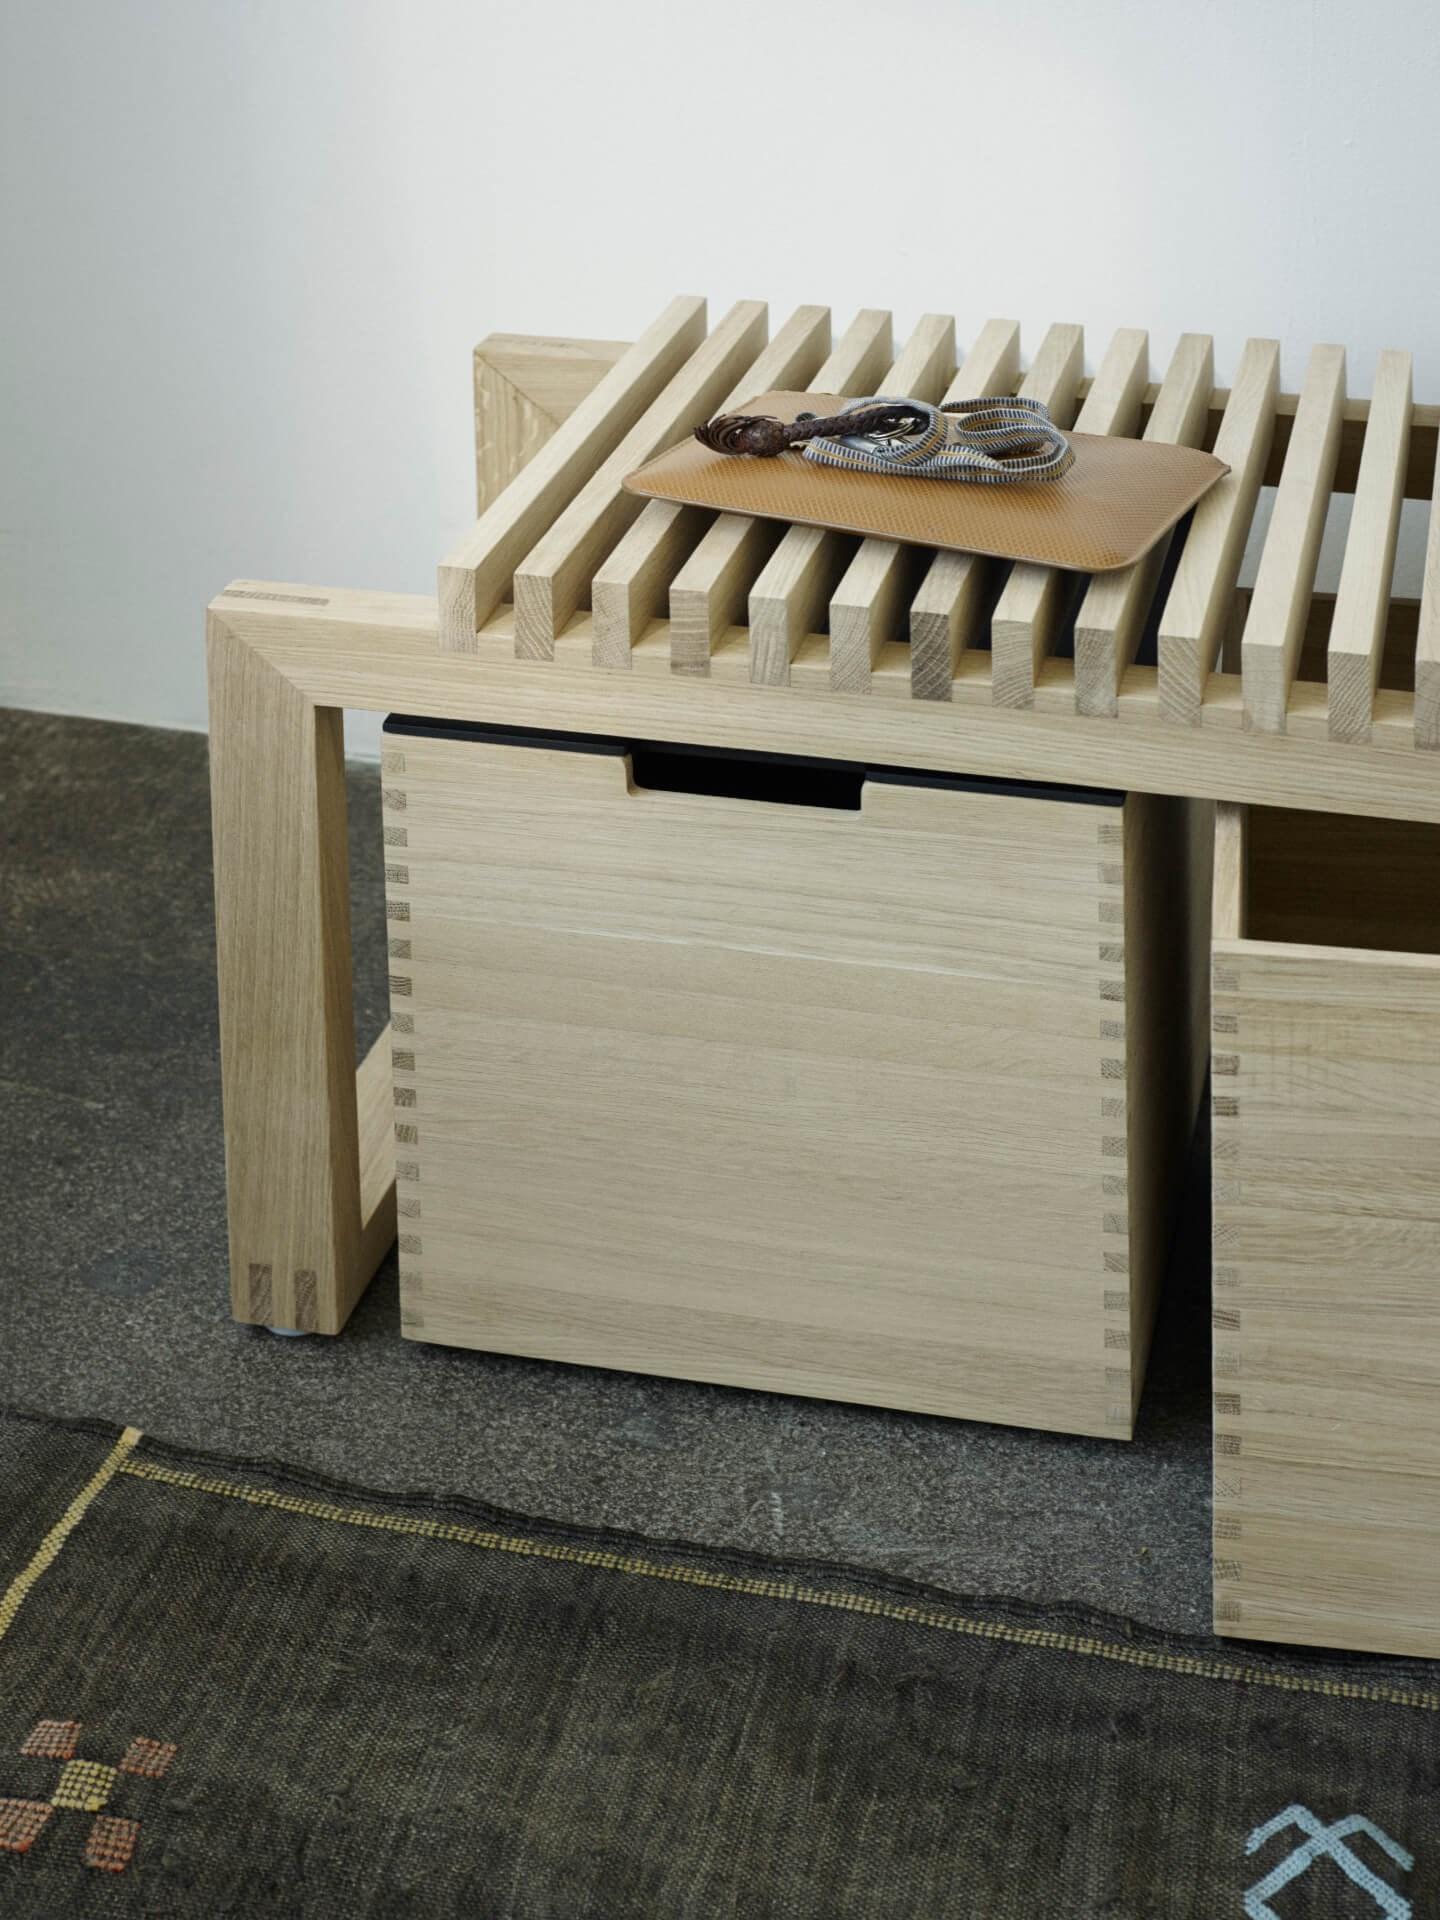 Oppbevaringsboks til bad og benk til bad. Cutter box og Cutter bench fra Skagerak. Plassert på mørkt gulv. Nærbilde.